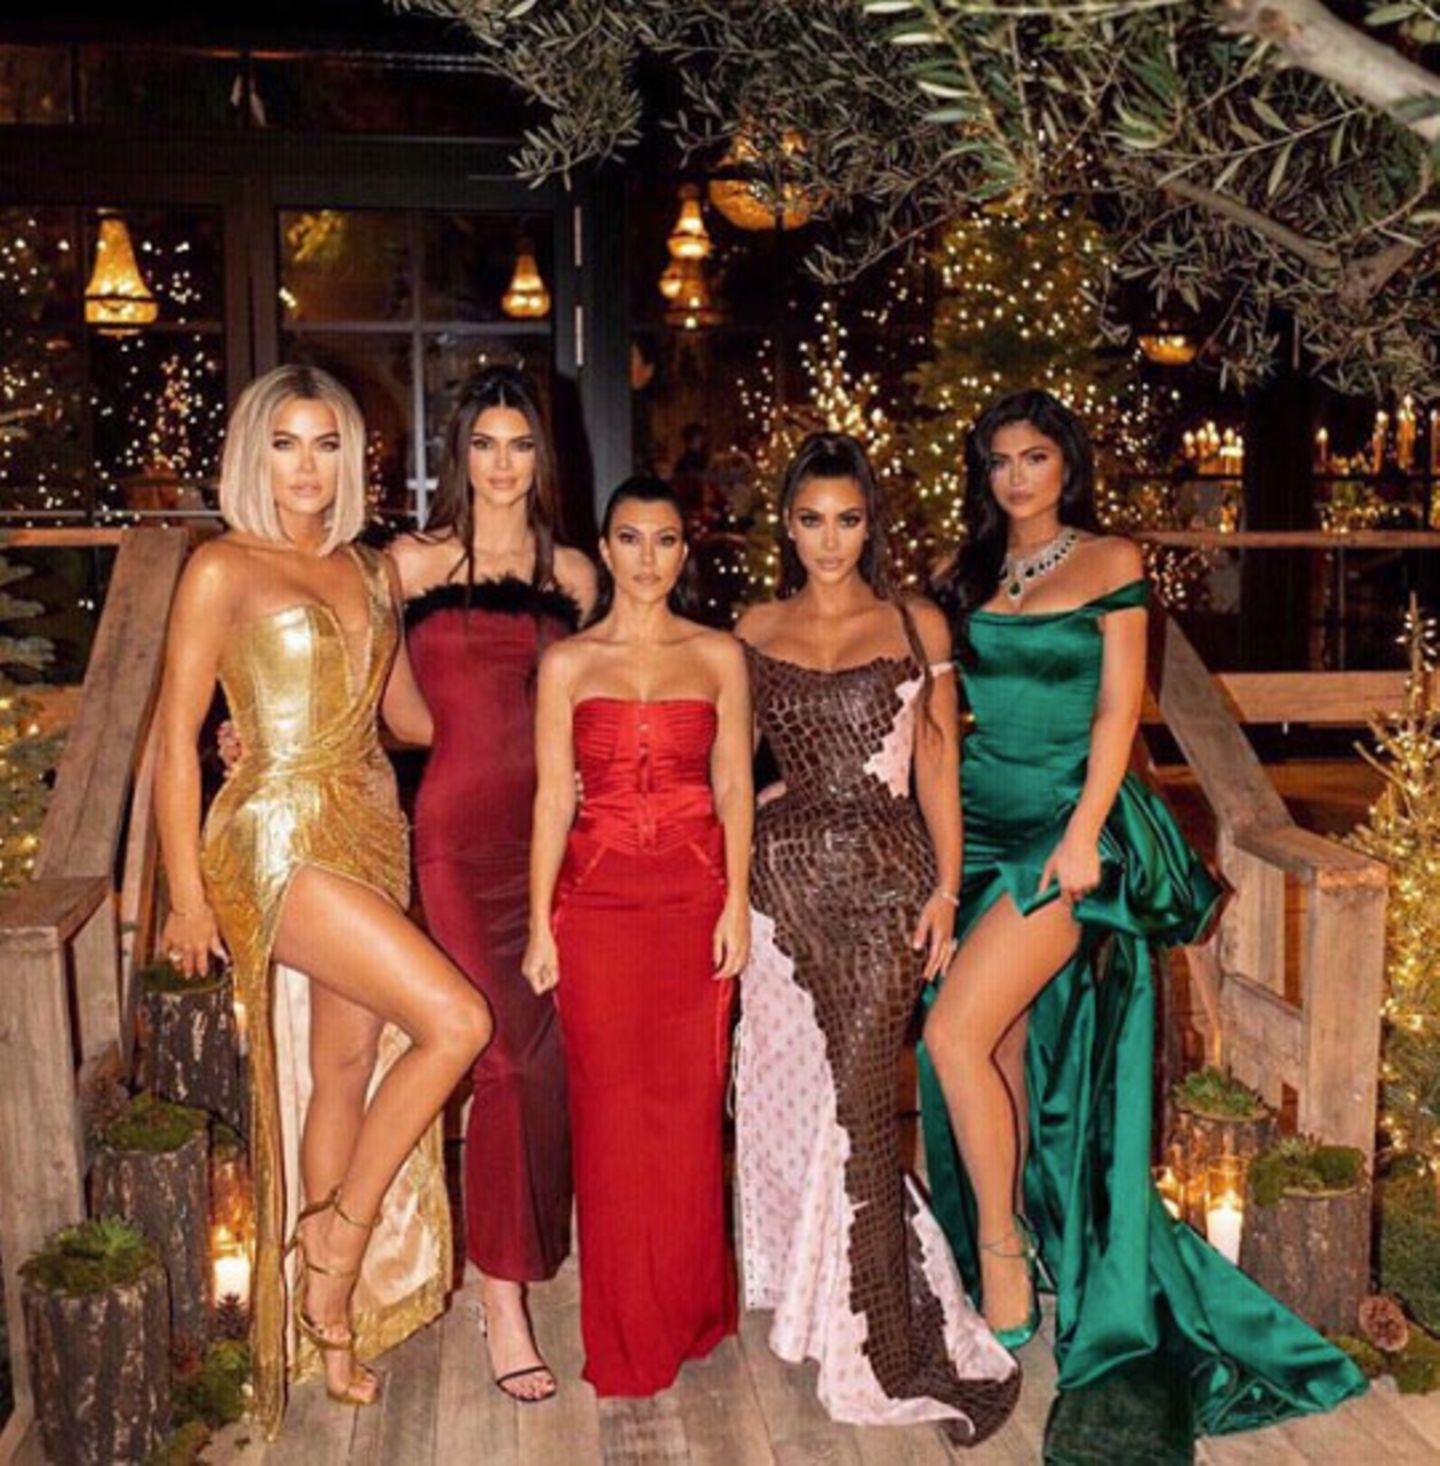 Wow! In strahlender Weihnachts-Robe präsentieren sich alleKardashian-Schwestern gemeinsam auf der Party, die dieses Jahr Kourtney für die große Verwandschaft schmeißt.